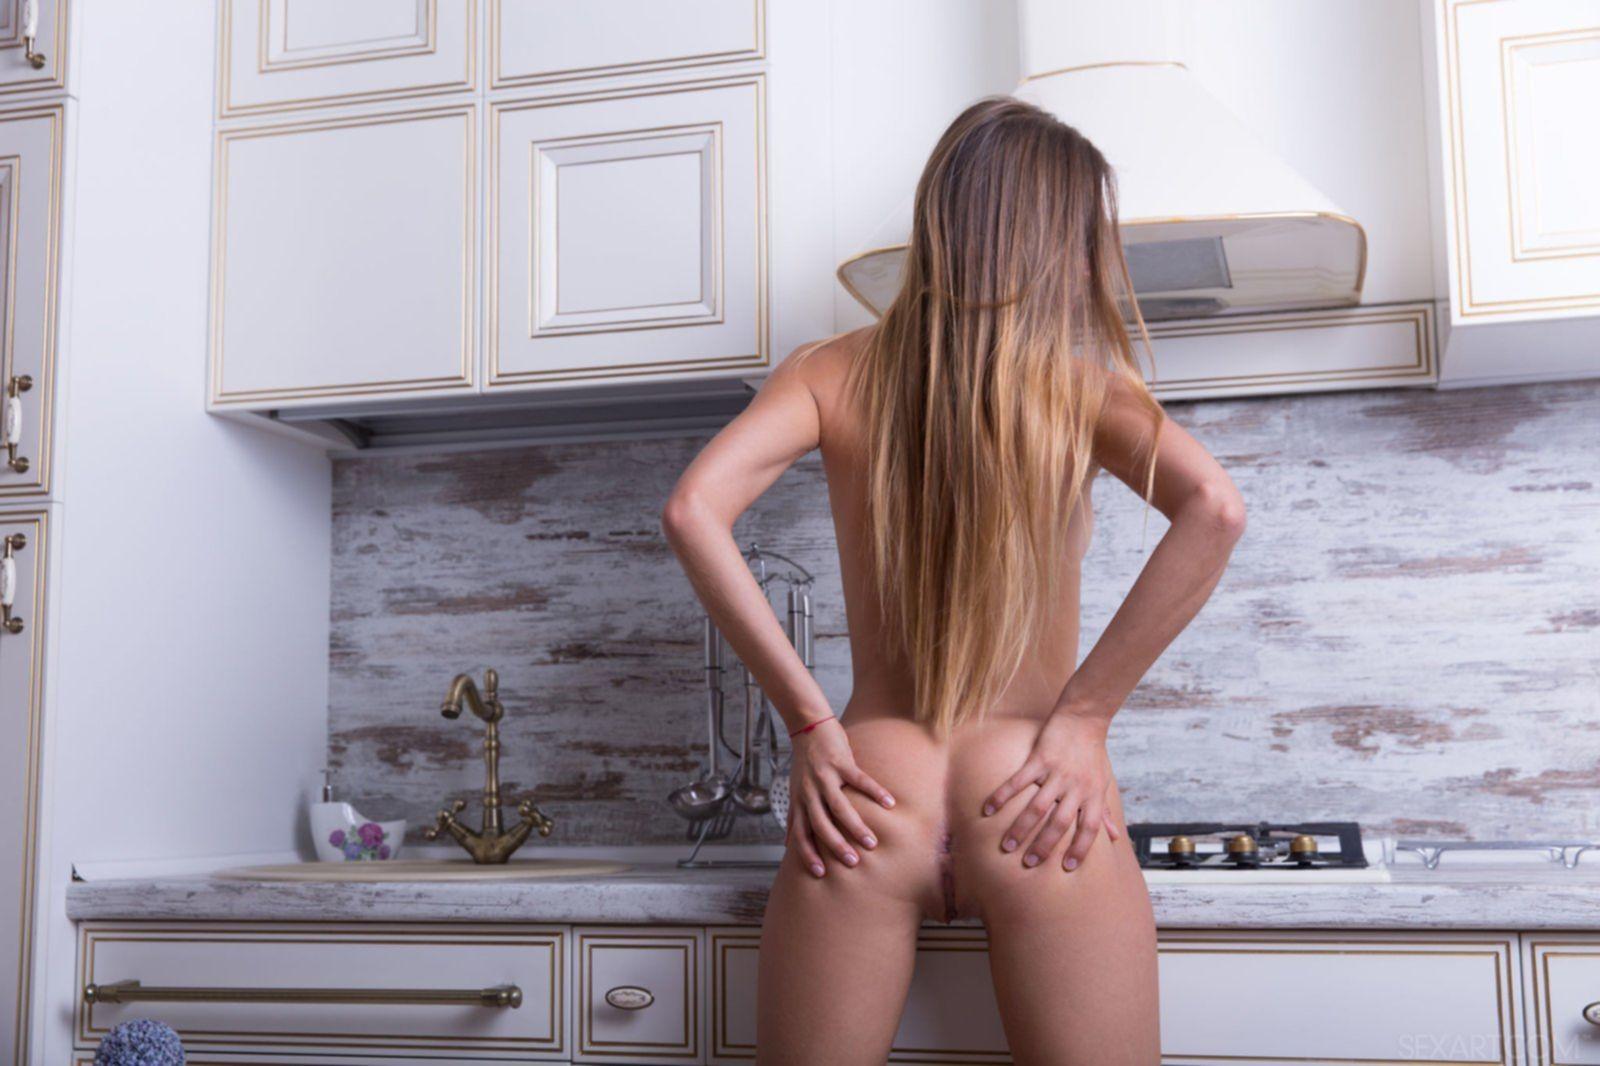 Стройная девка сняла кружевные трусы на кухне - фото